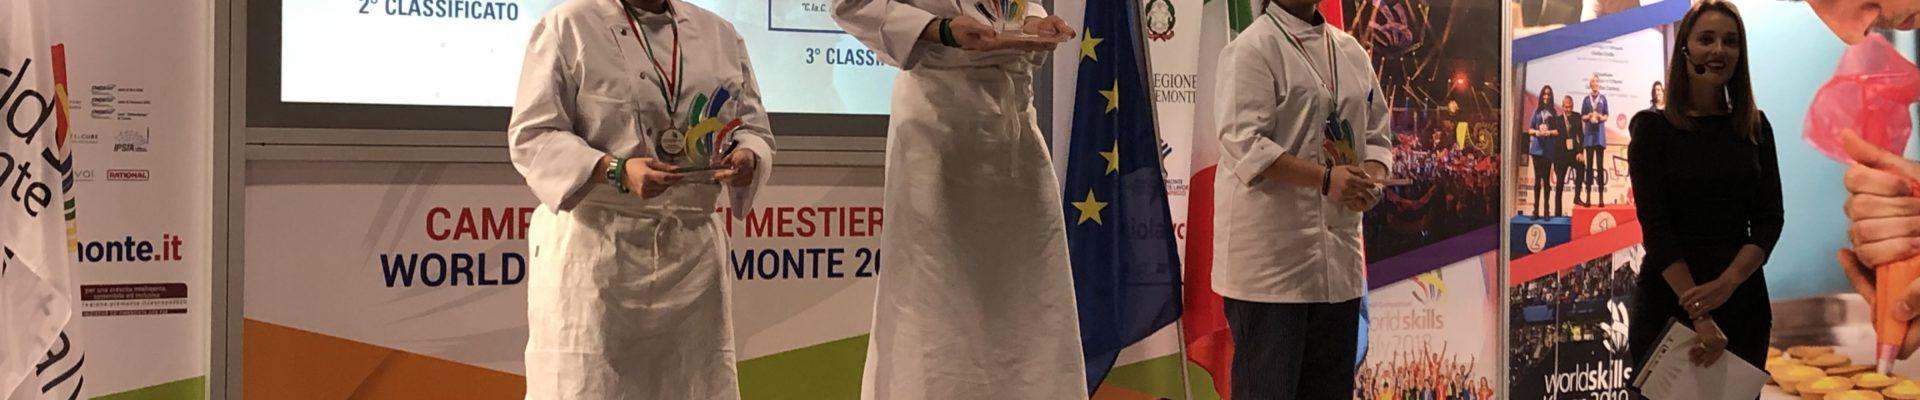 CIOFS-FP PIEMONTE: MEDAGLIA D'ARGENTO PER IL CFP AUXILIUM-LUCENTO